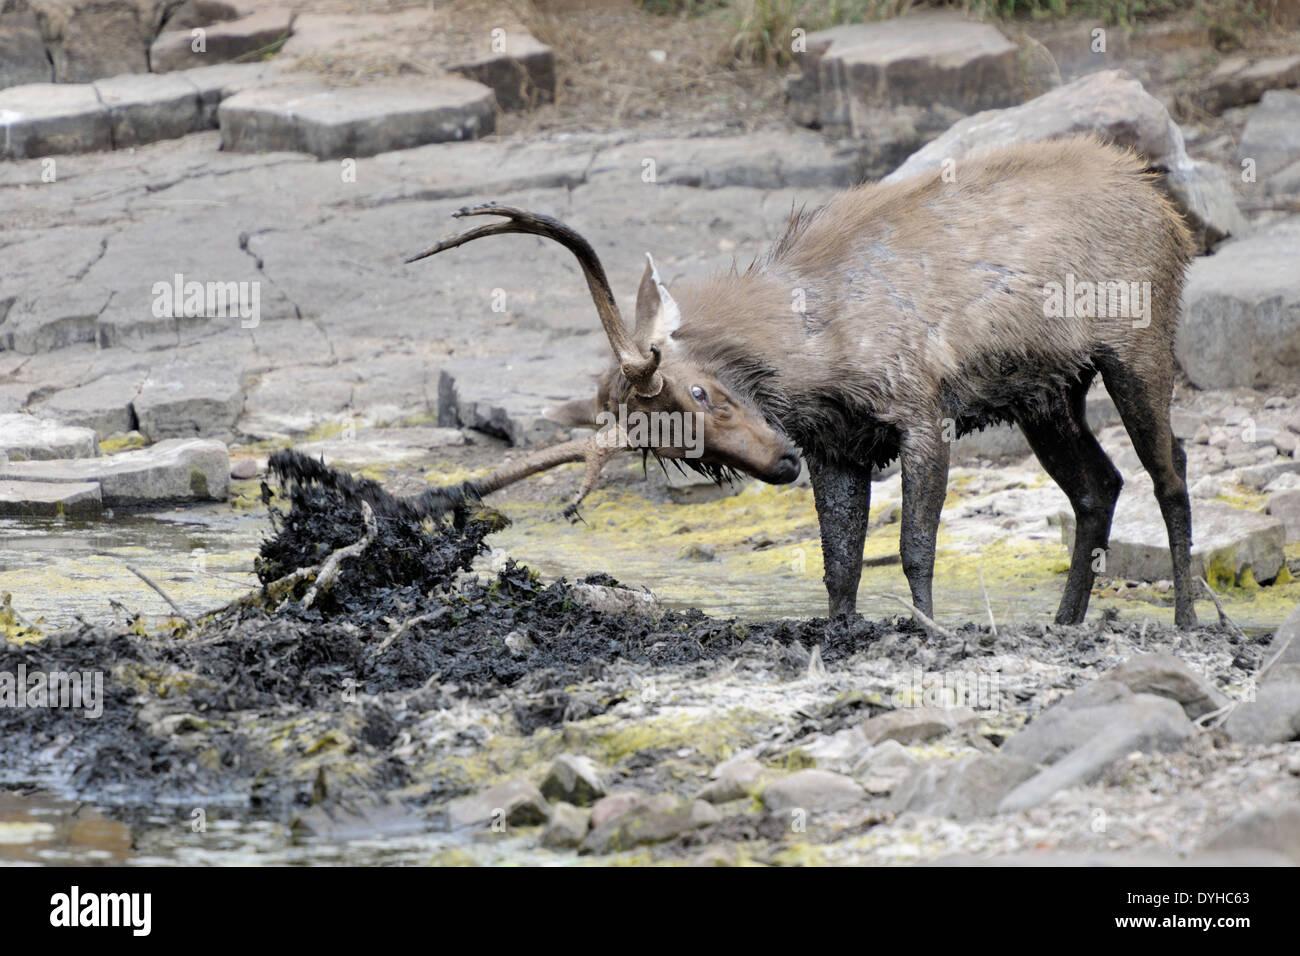 Ciervos Sambar (Rusa unicolor) rudding en barro durante la rutina. Foto de stock